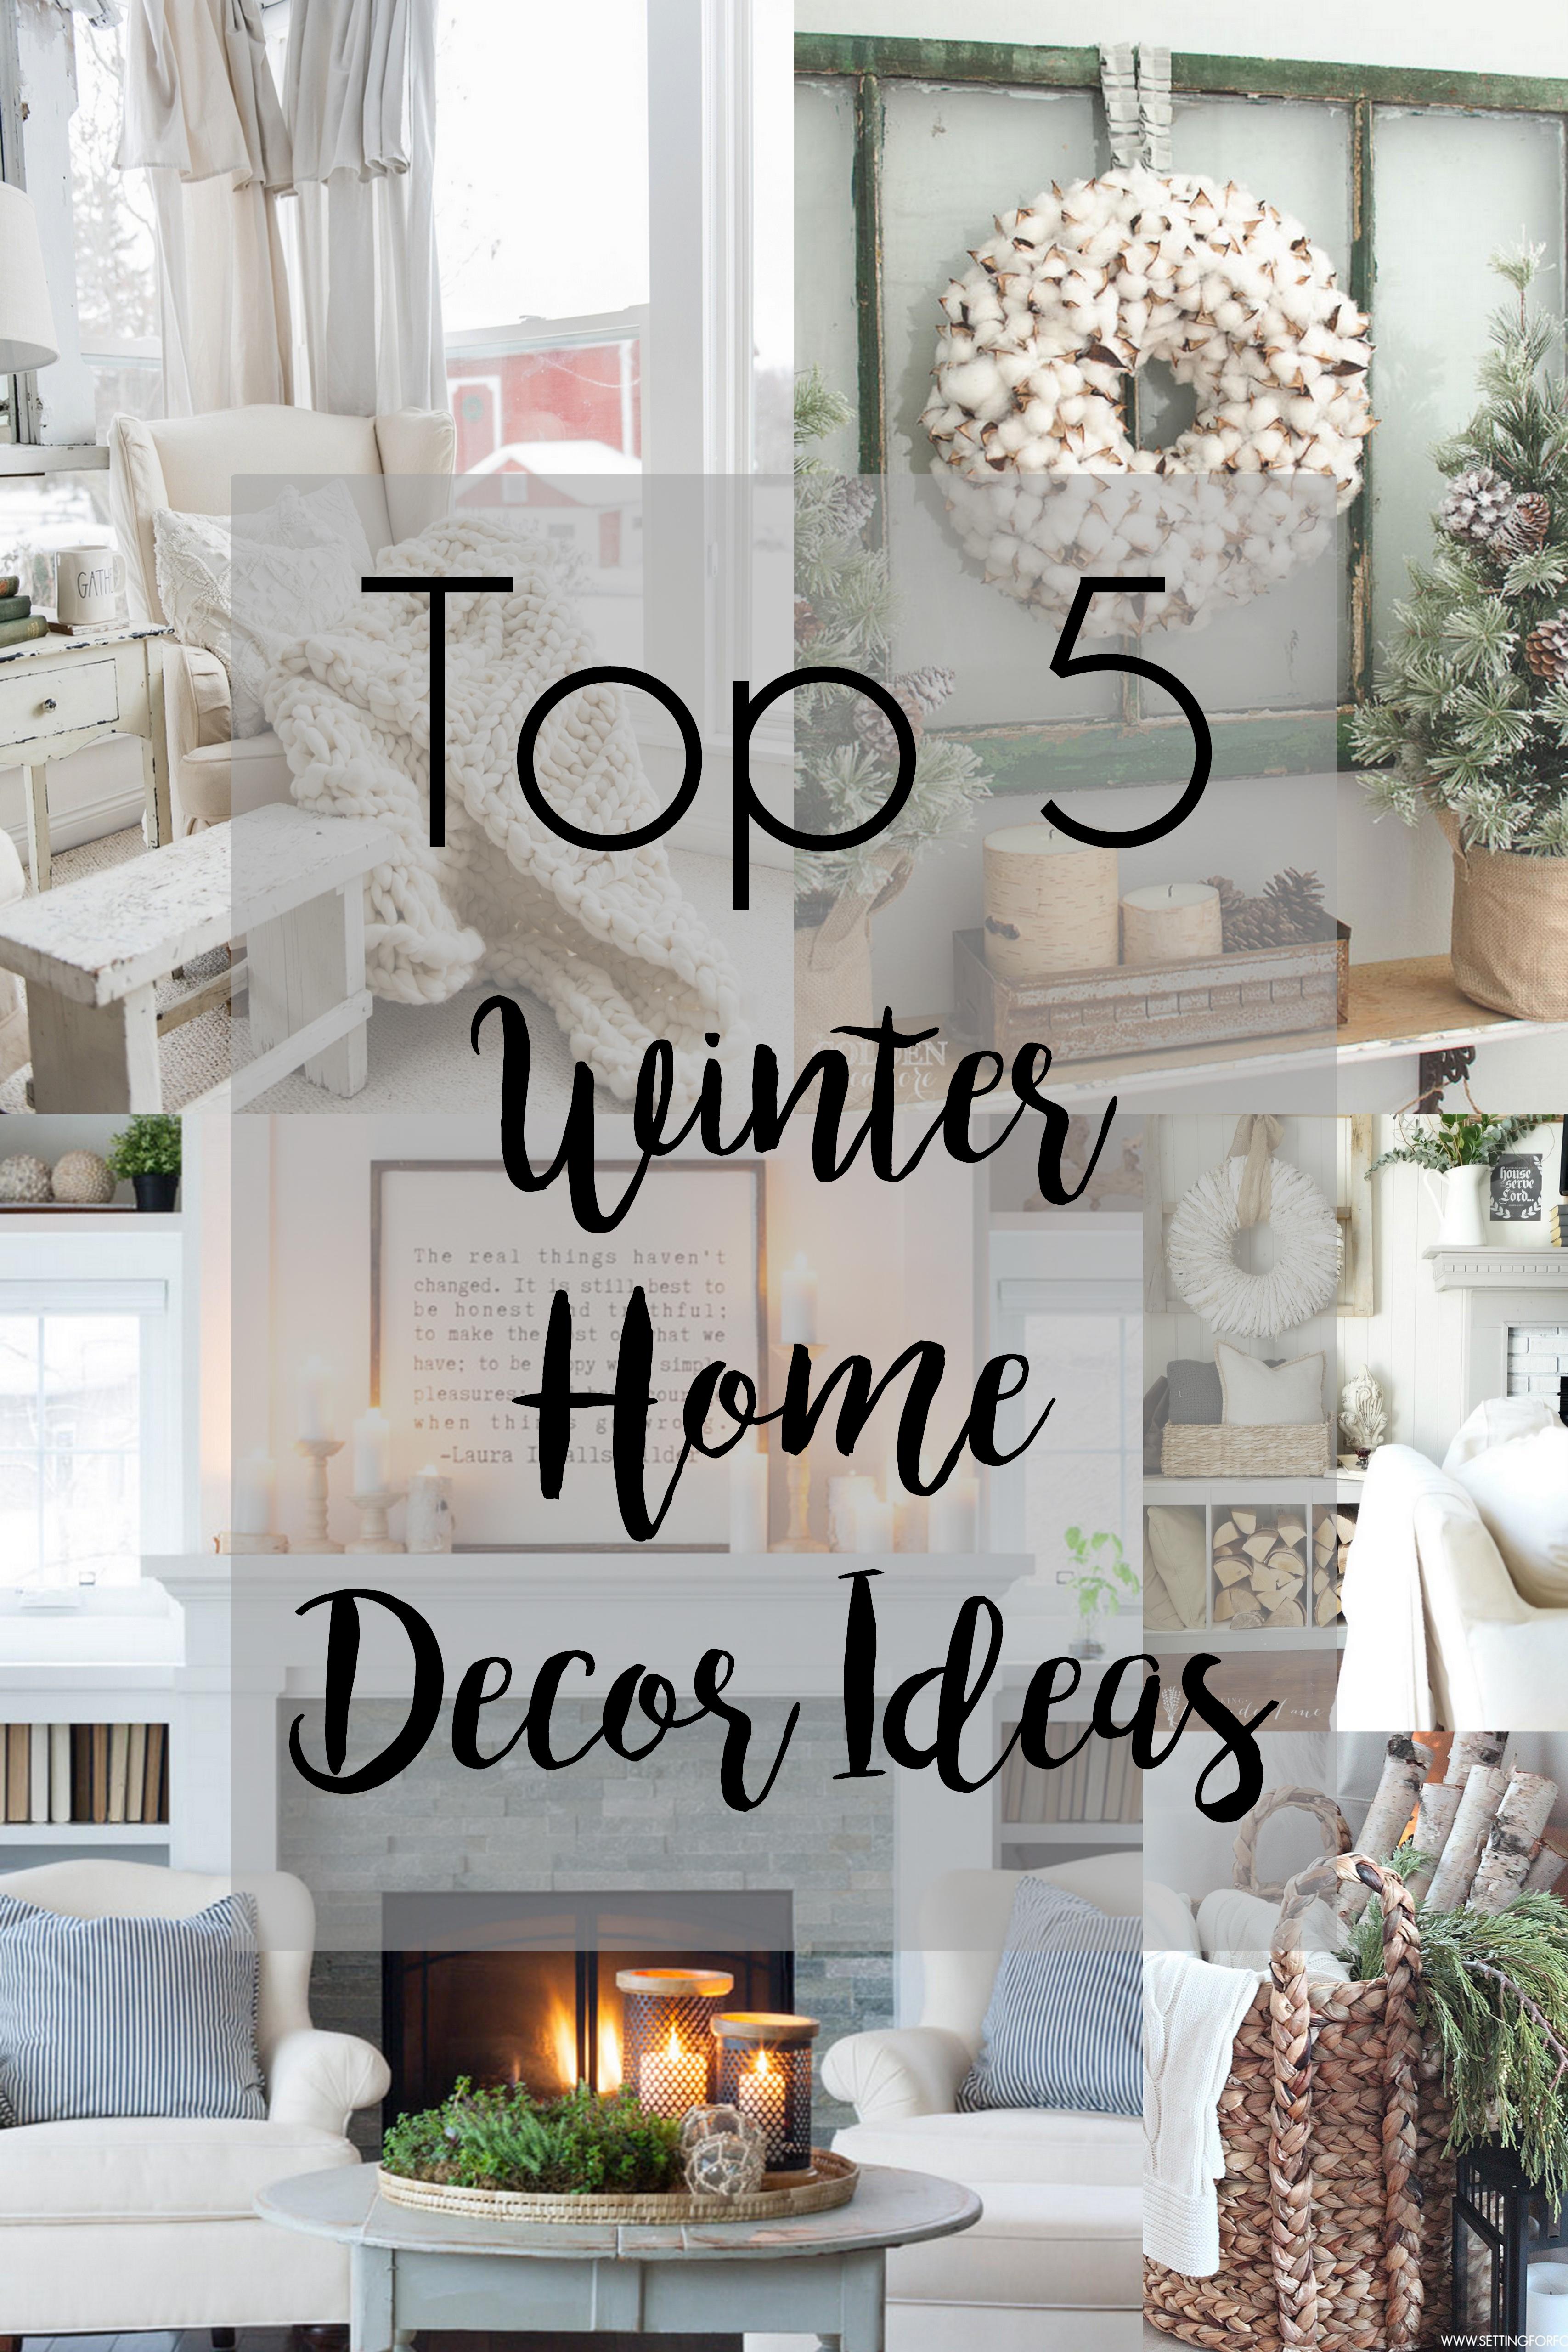 Top 5 Winter Home Decor Ideas